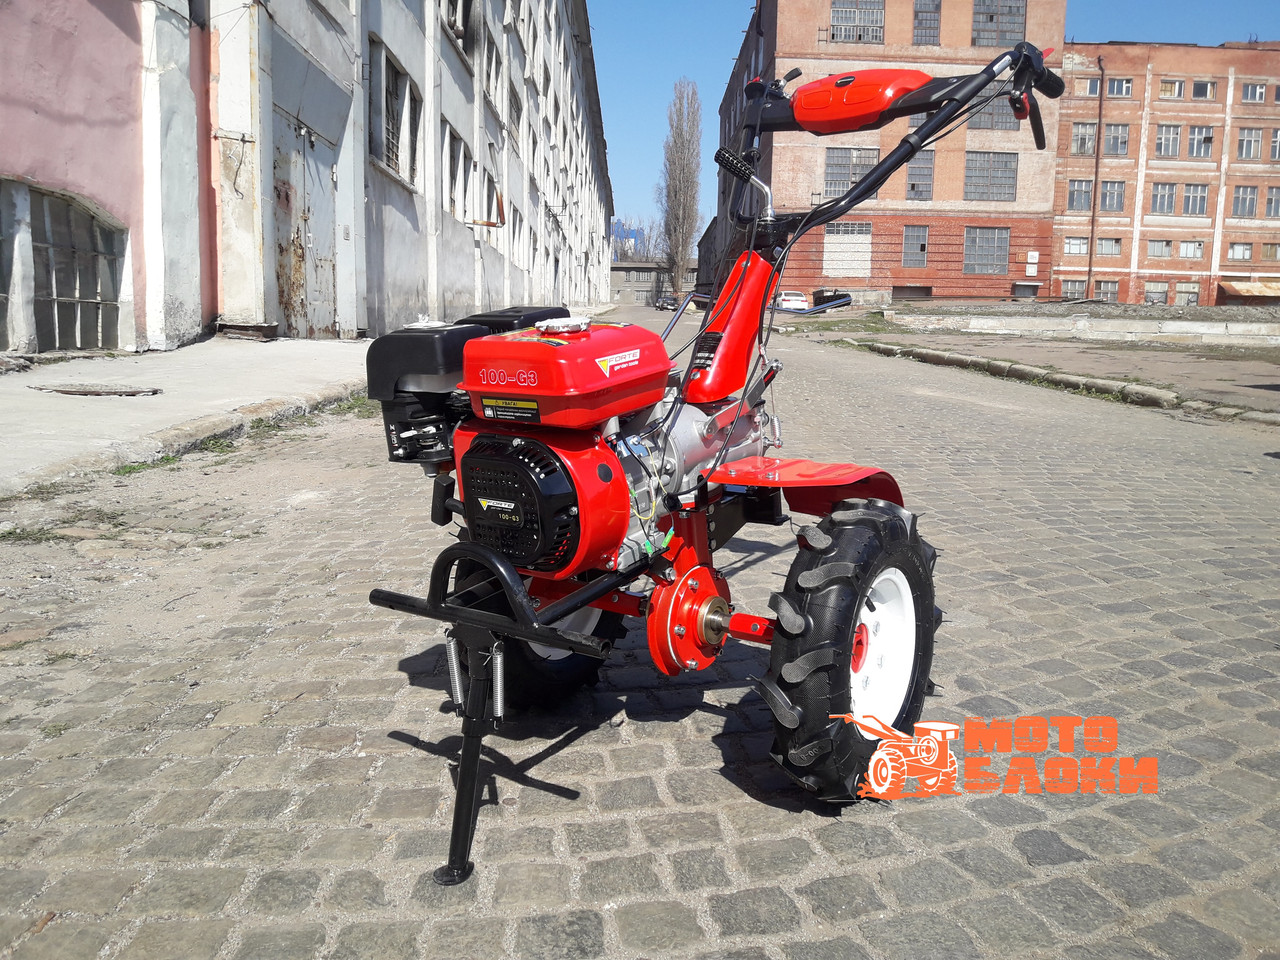 """Культиватор бензиновый Forte 100-G3 колёса 8"""""""